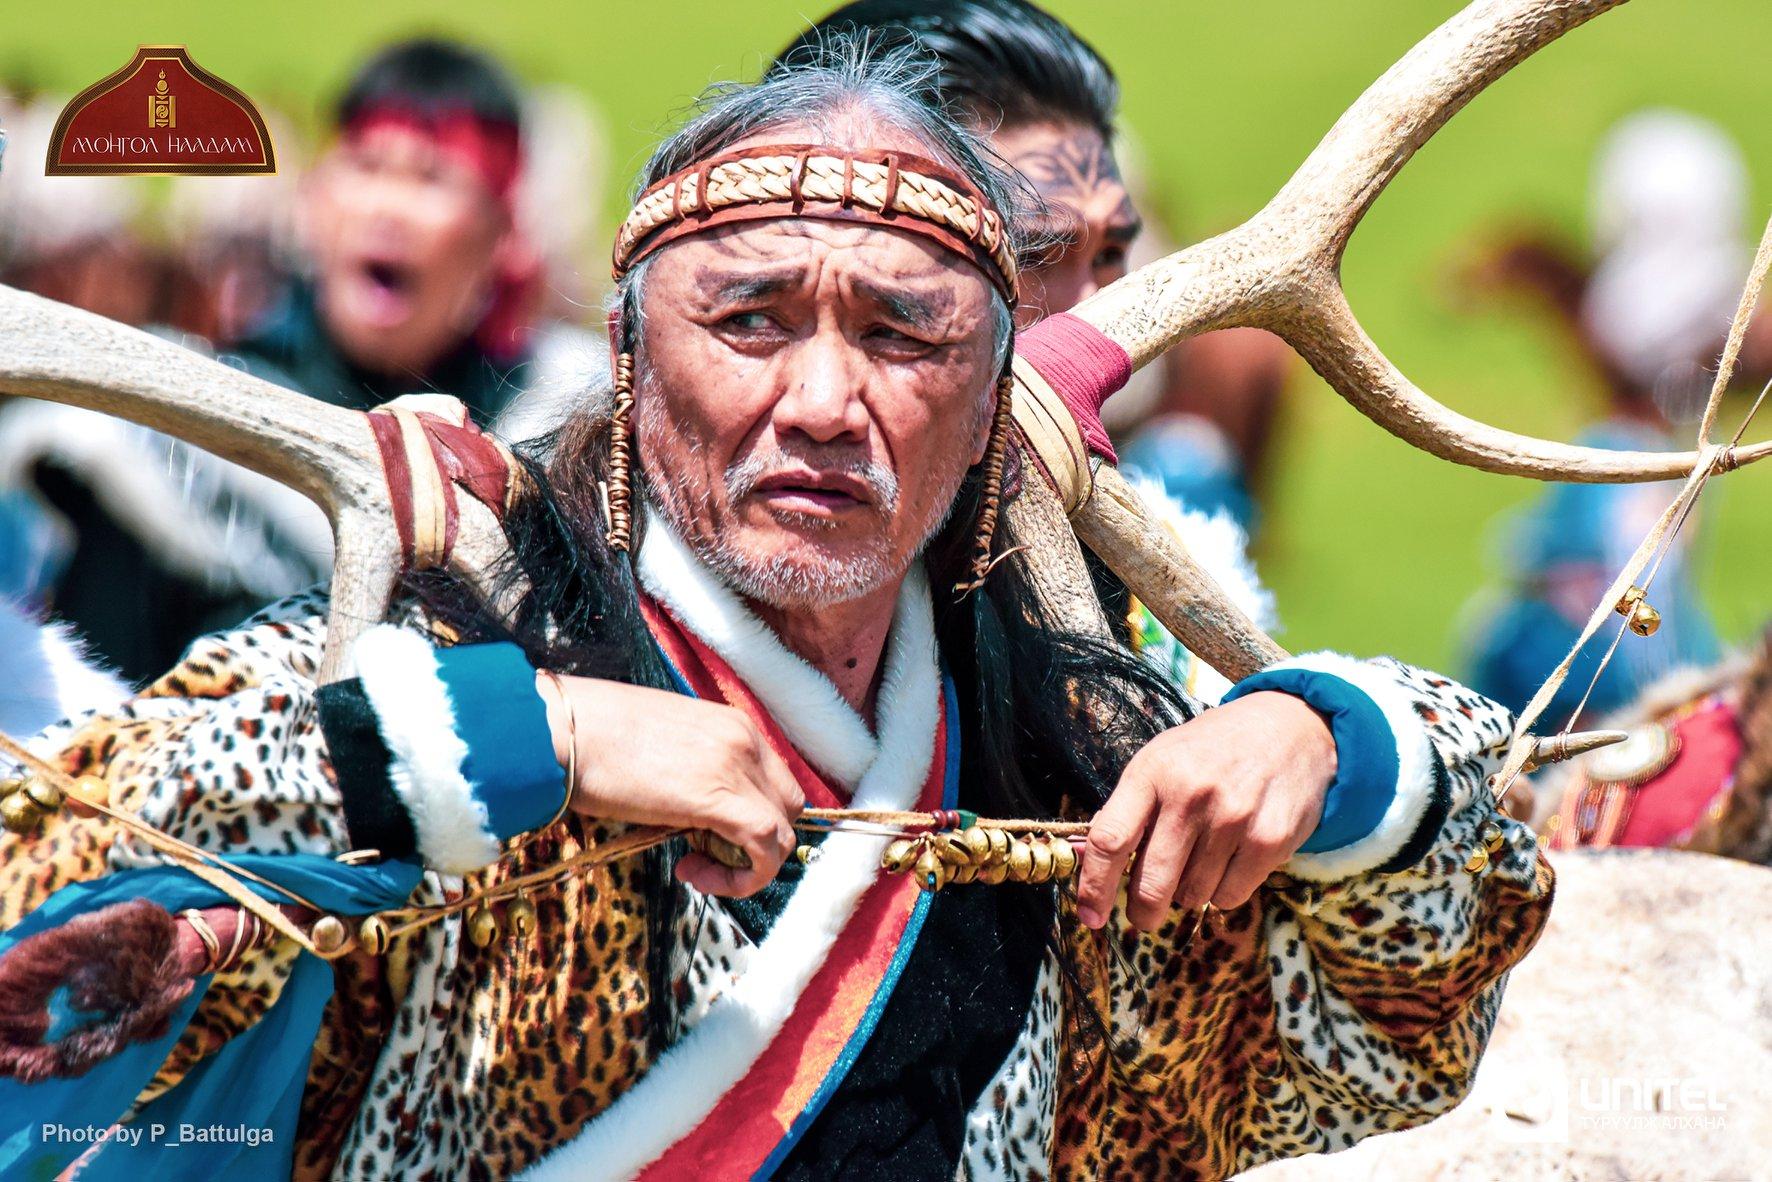 ФОТО: Дэлхийд ганцхан Монгол наадмын нээлт